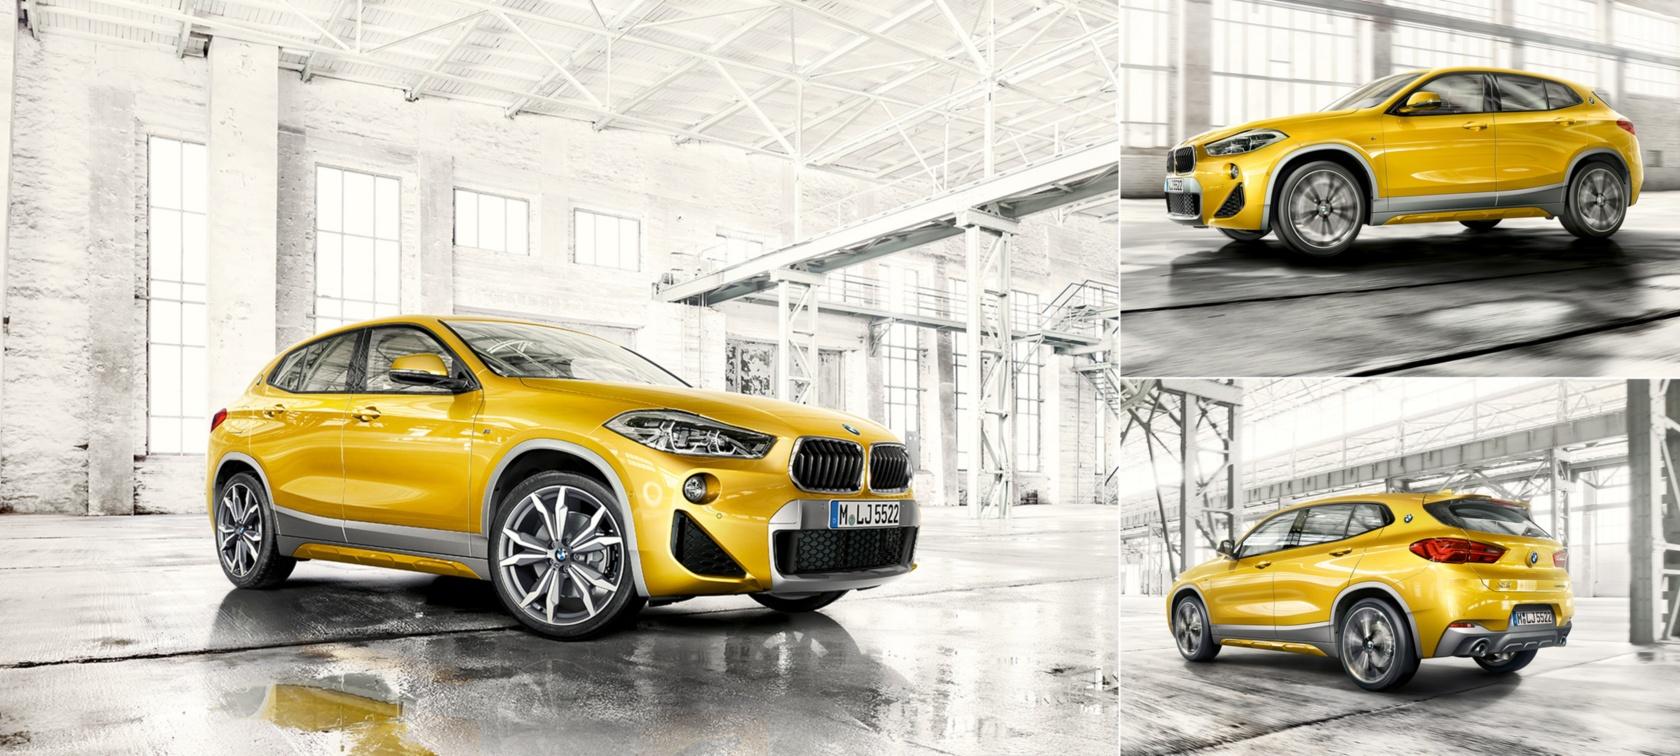 BMW AG Niederlassung Mannheim: BMW Fahrzeuge, Services, Angebote u.v.m.